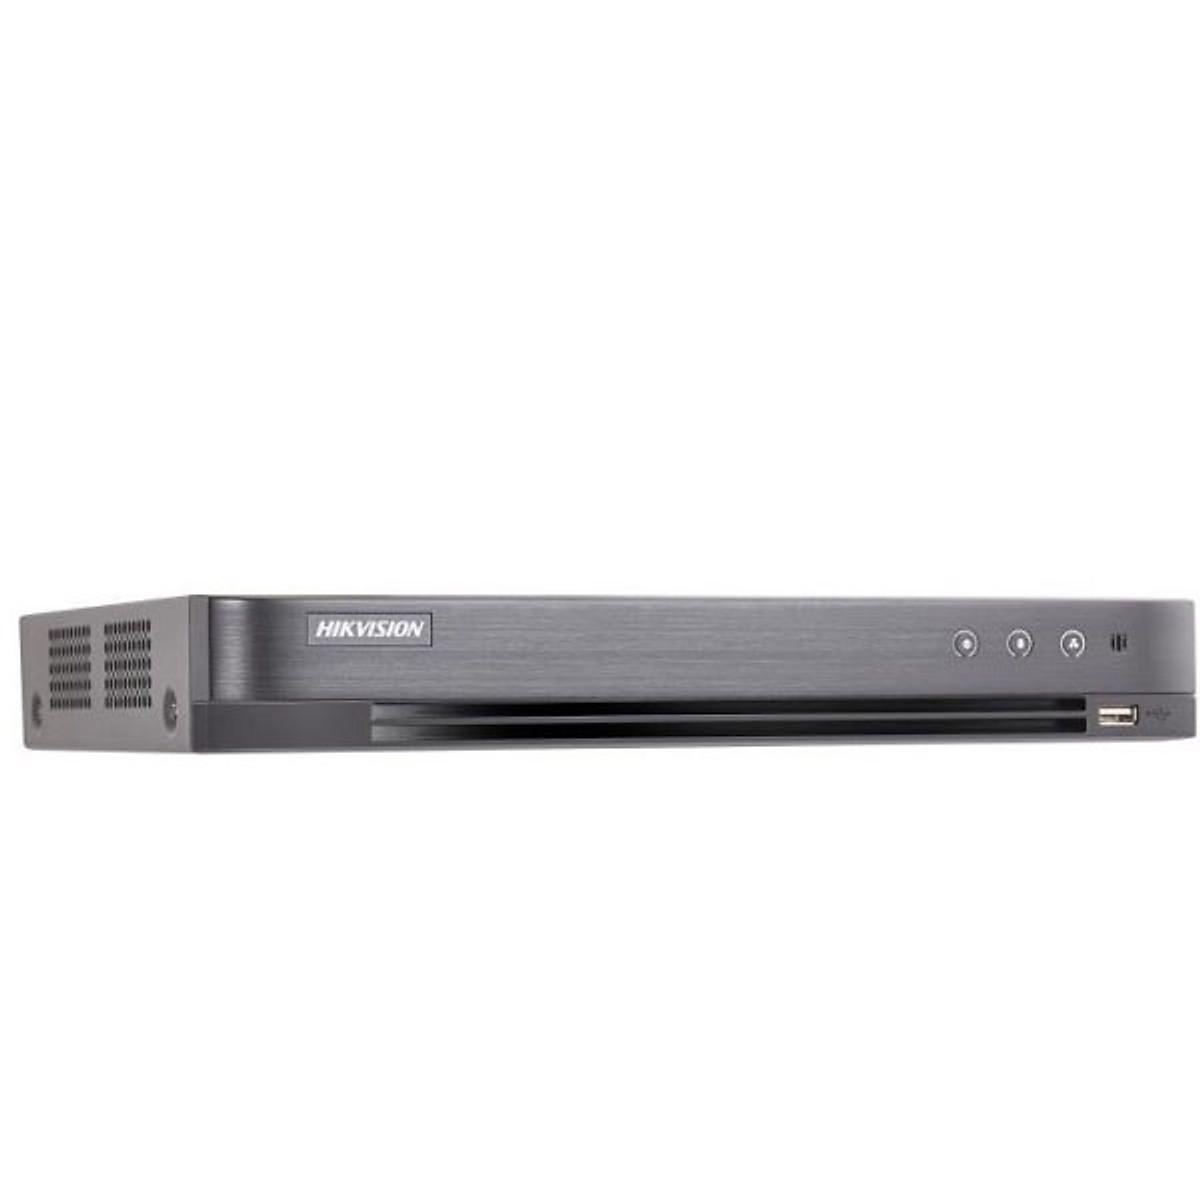 Đầu ghi hình Camera HIKVISION 32 kênh chuẩn H265 DS-7232HGHI-K2 – Hàng chính hãng